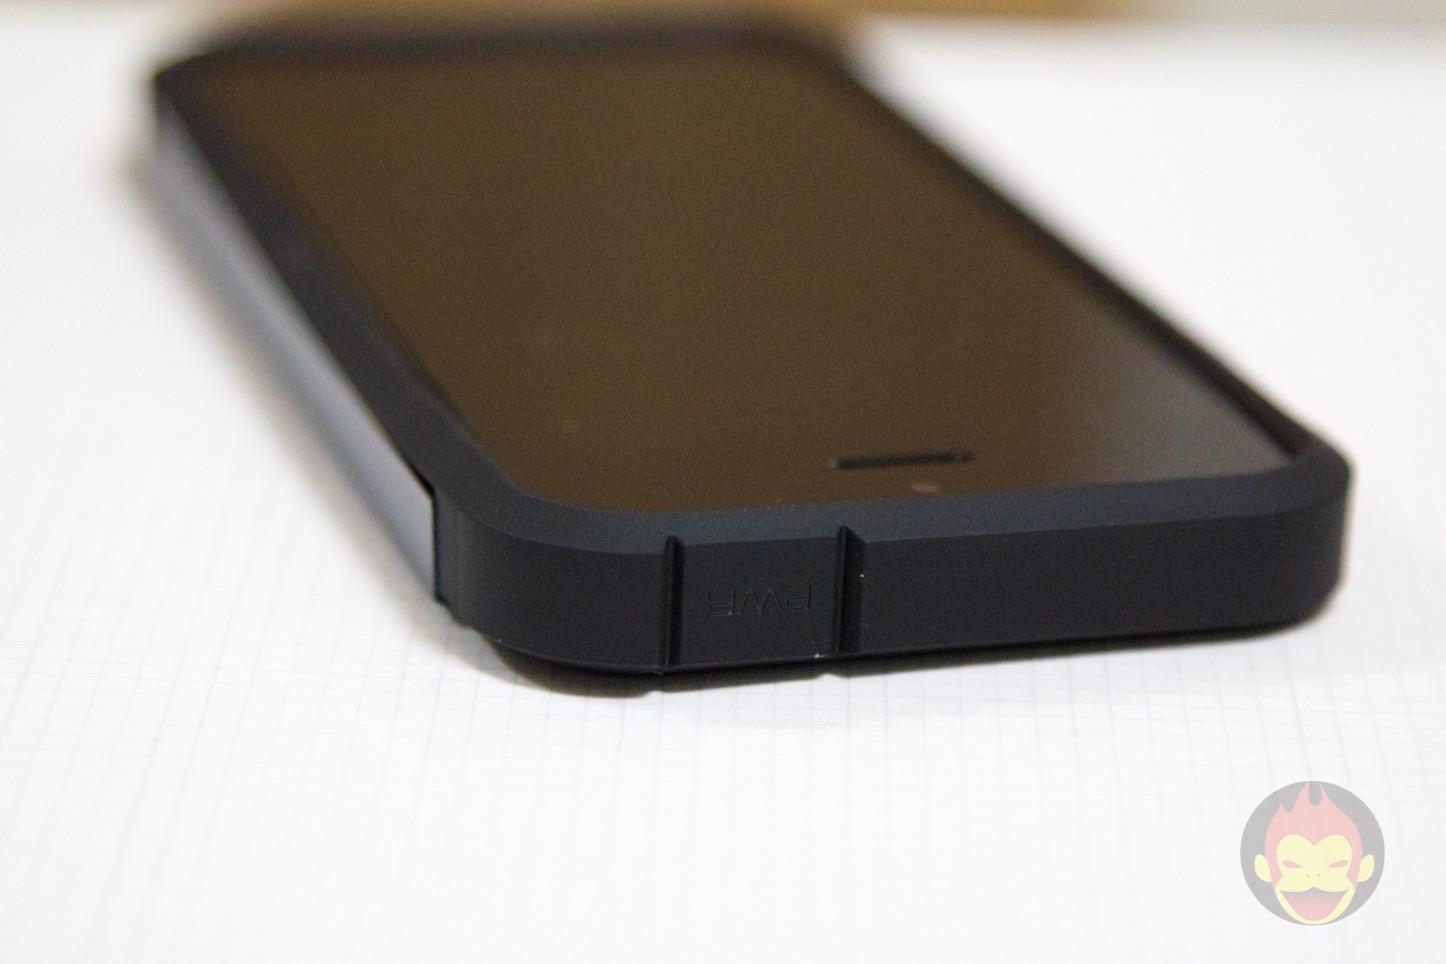 Spigen-Tough-Armor-iPhone-SE-Case-06.jpg